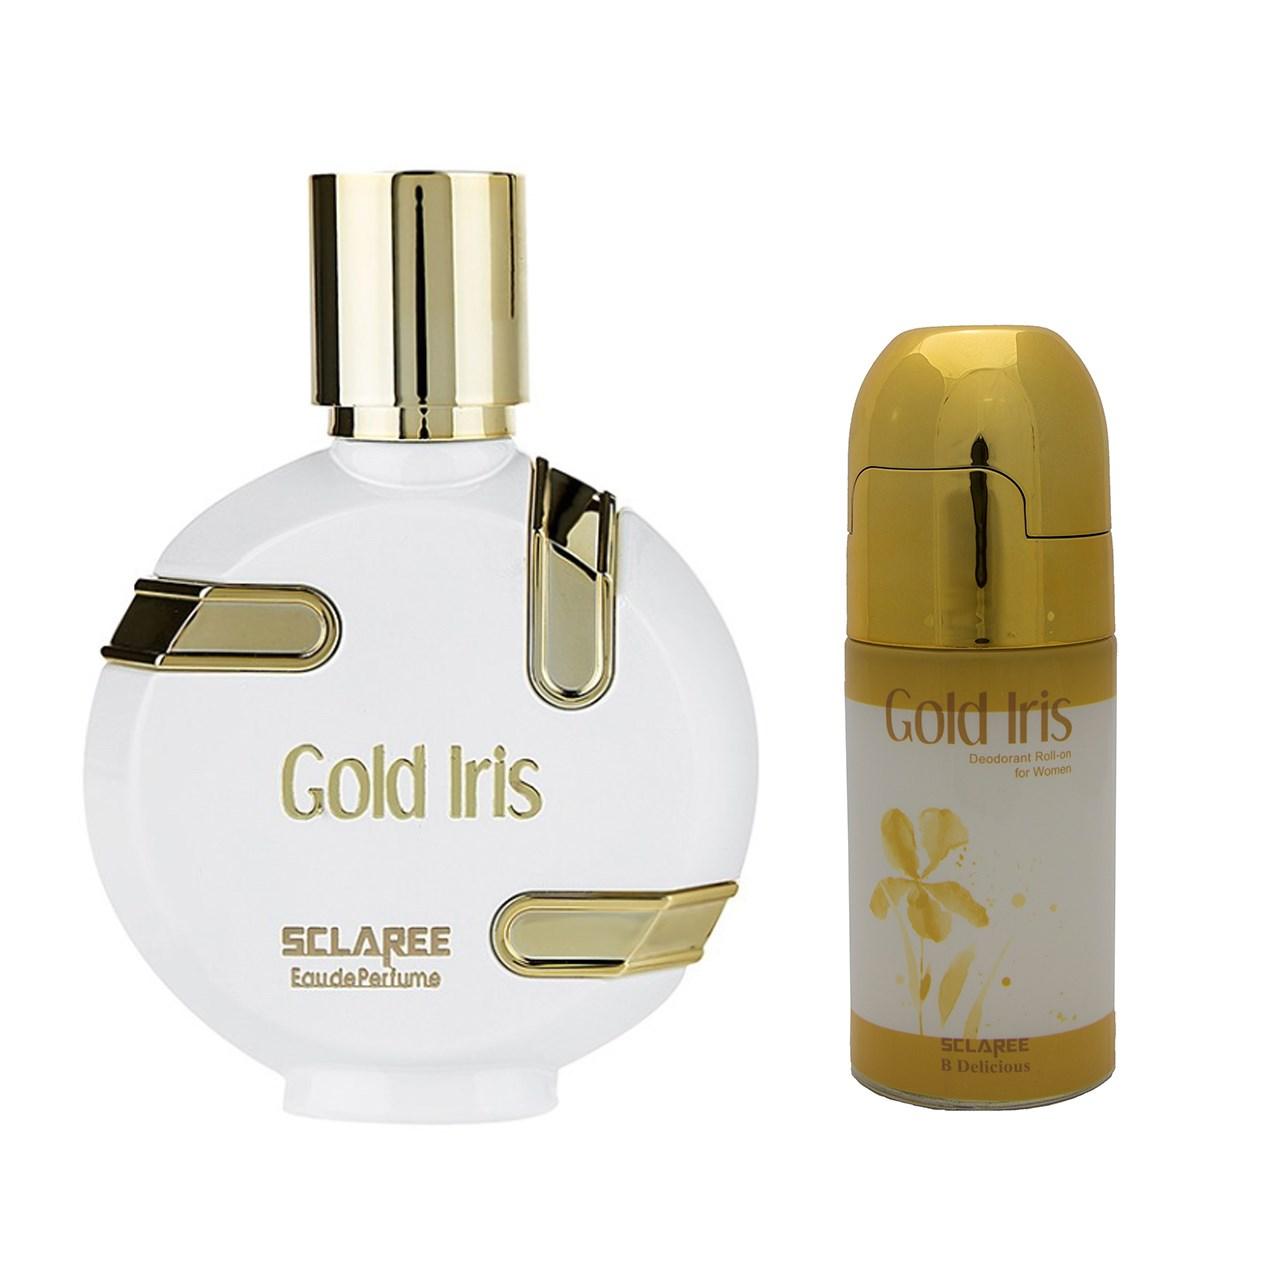 ادوپرفیوم زنانه اسکلاره مدل Gold Irisحجم100میل به همراه رول ضد تعریق زنانه اسکلاره مدل Gold Iris